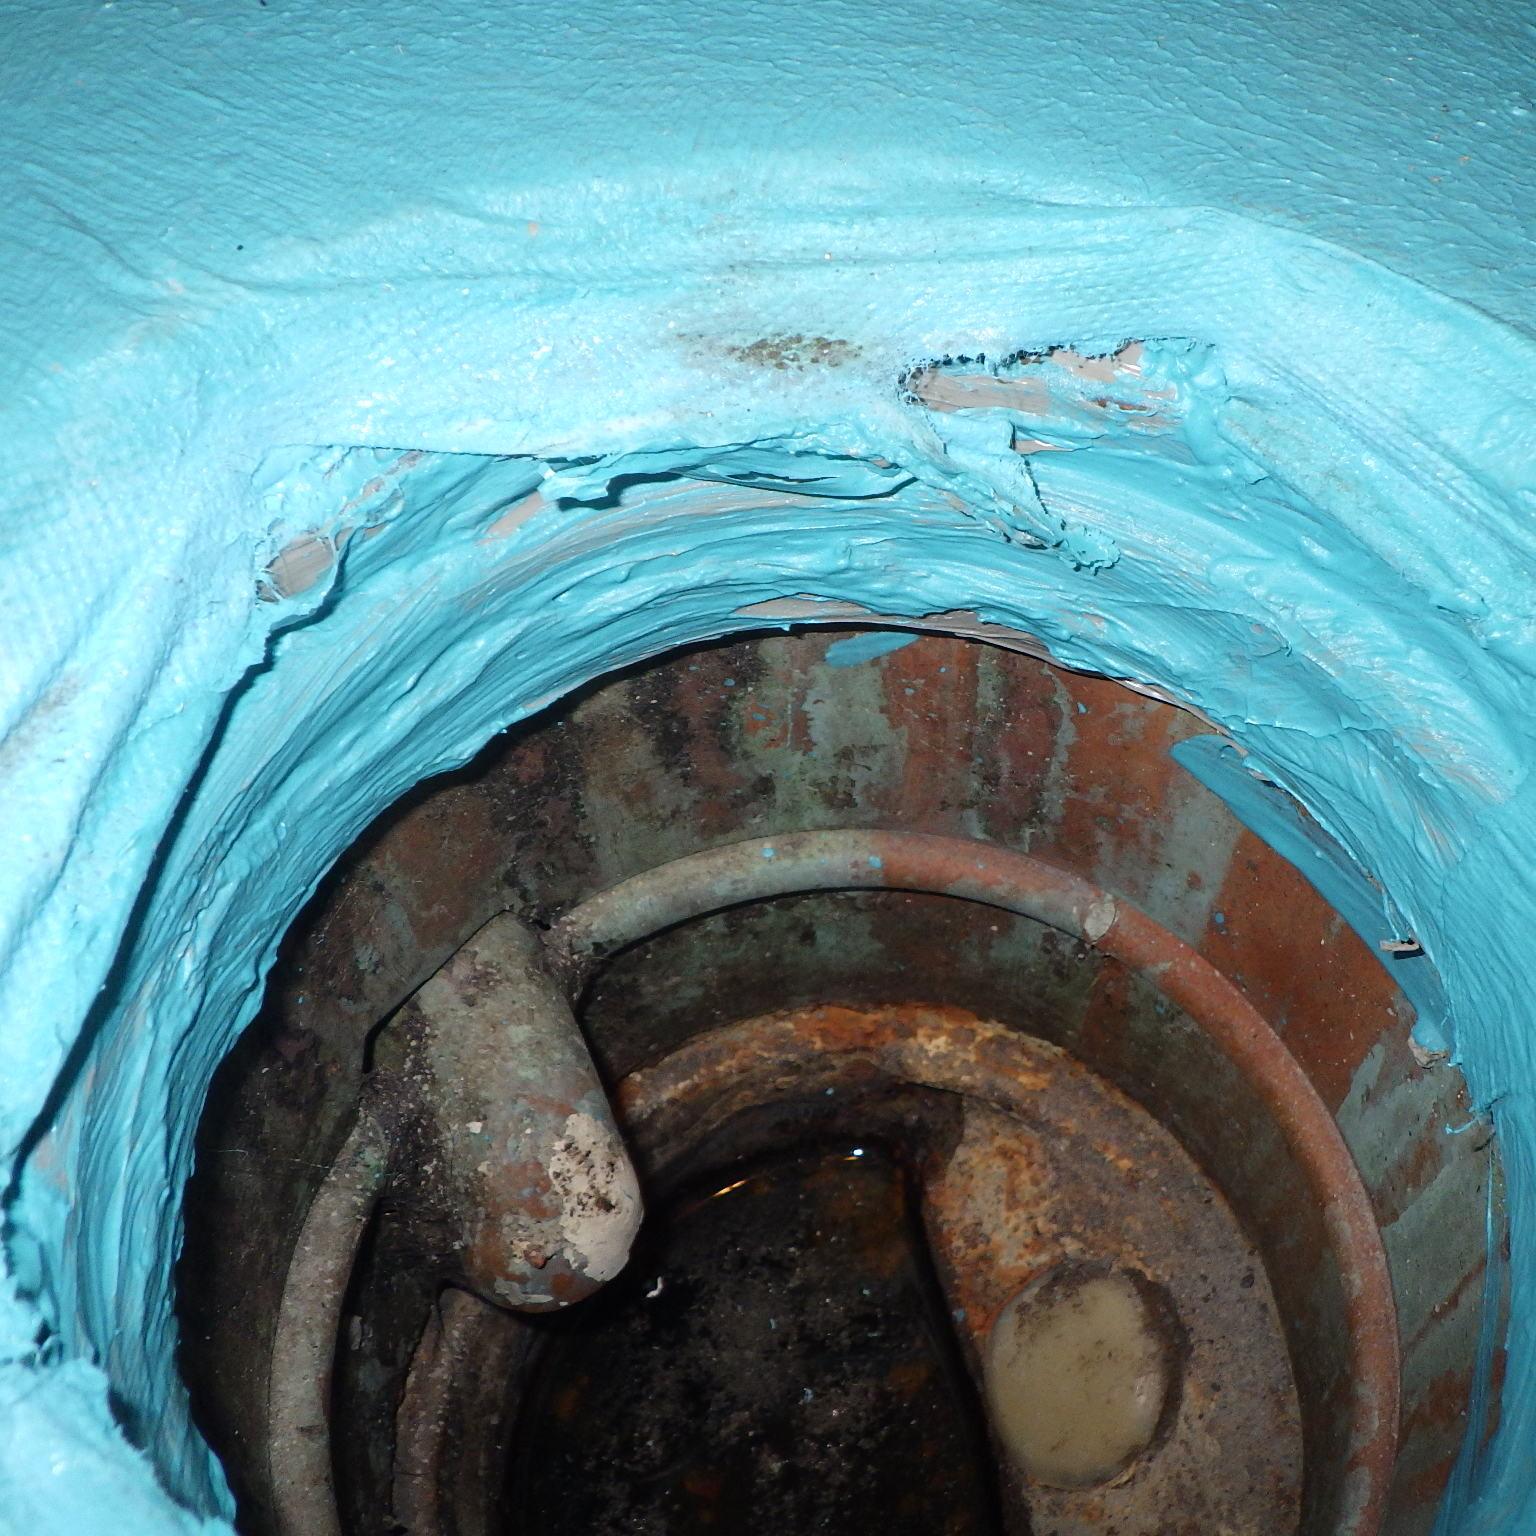 Vedeneristyksen tekijältä kannattaa vaatia sertifikaattia työn laadun parantamiseksi ja vaurioriskin minimoimiseksi